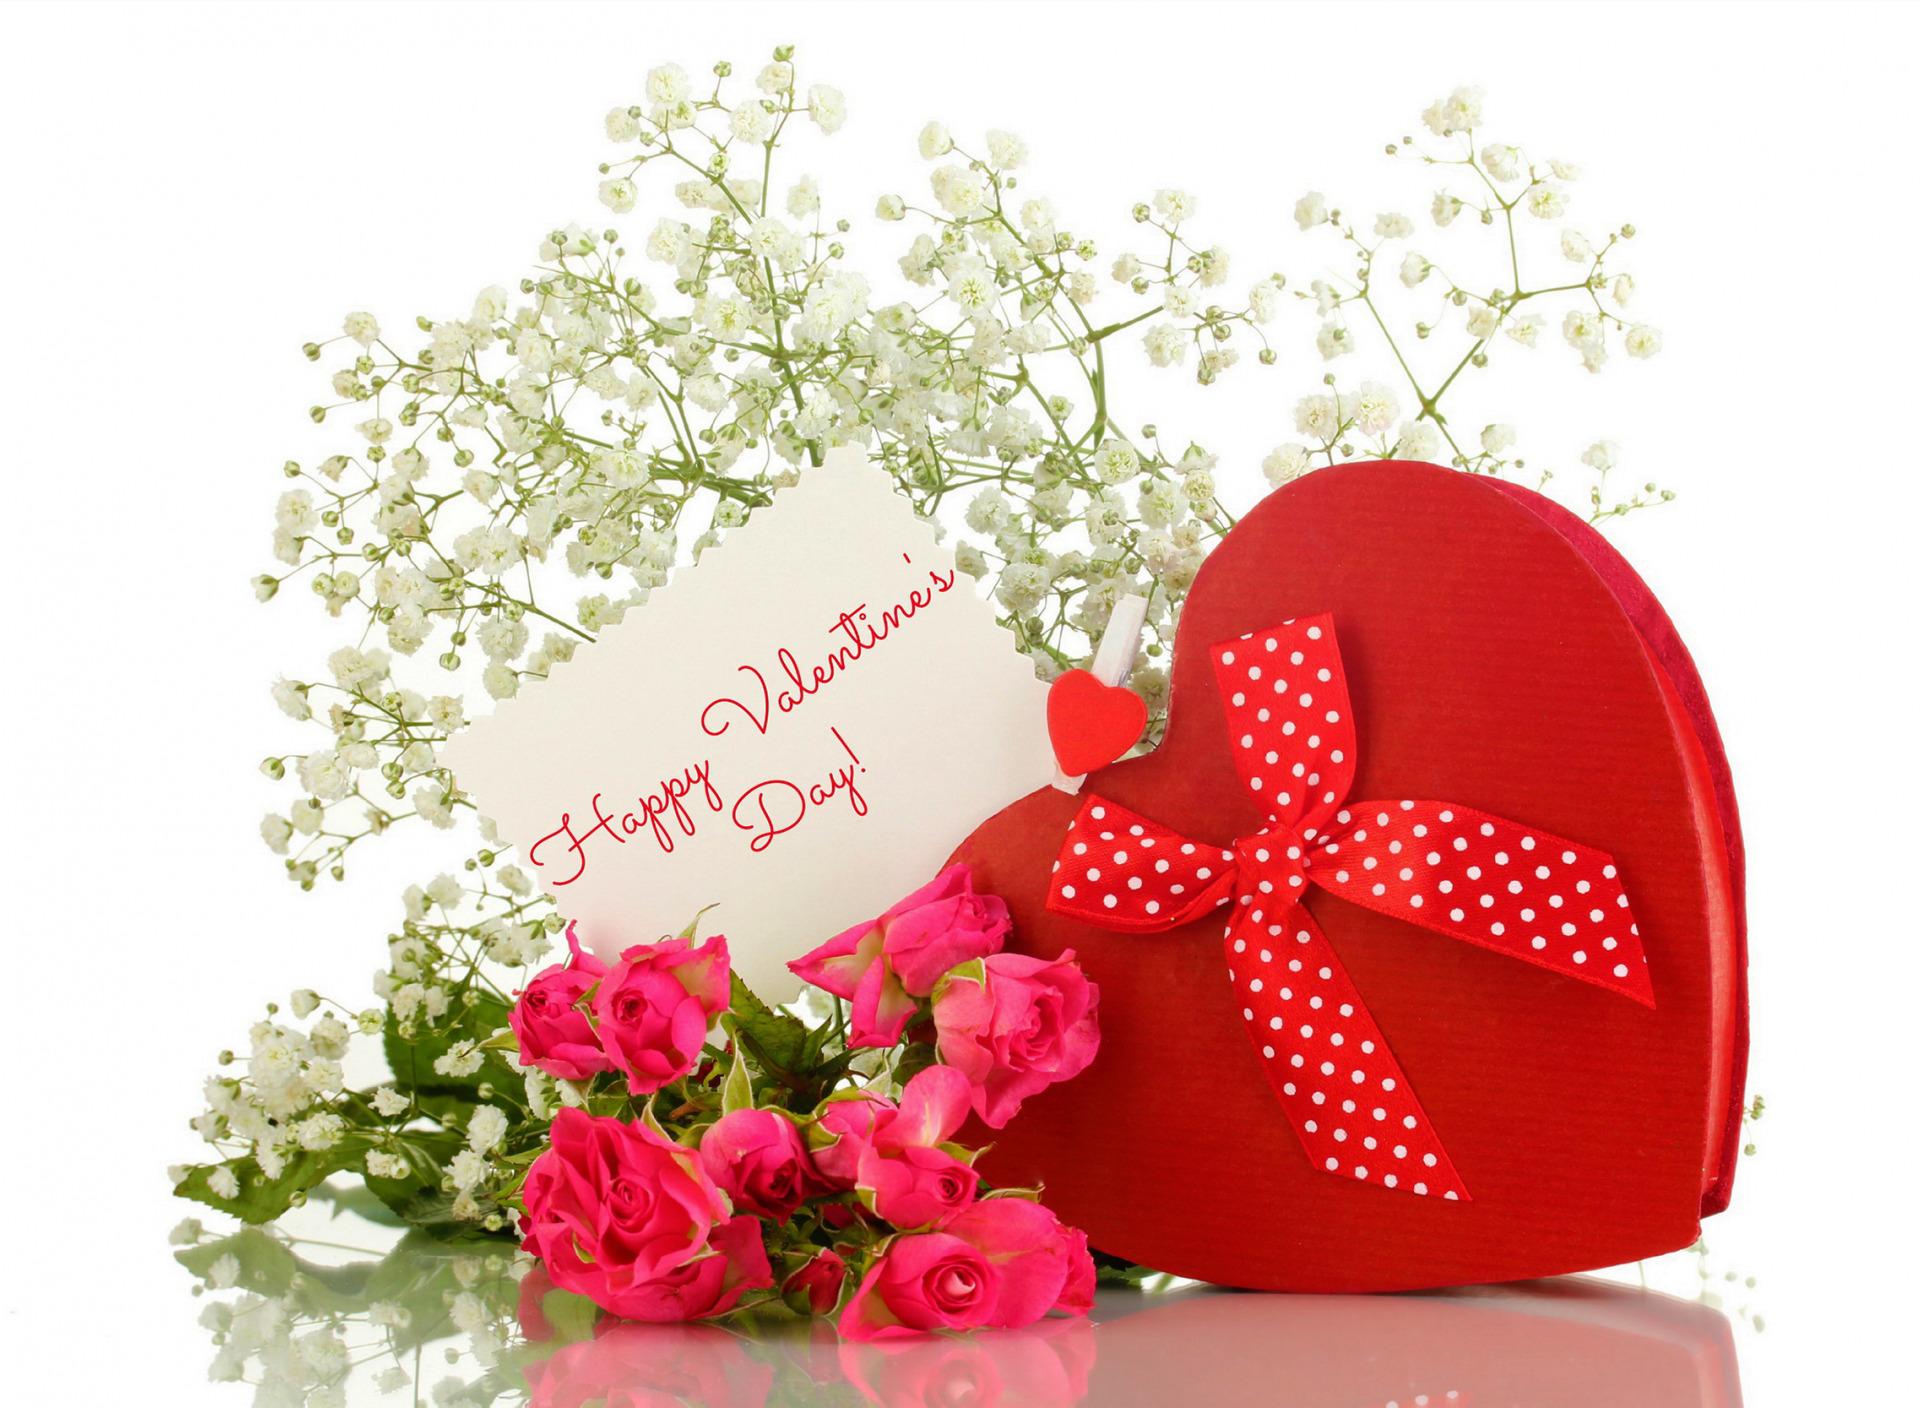 картинки цветы с днем святого валентина эта болезнь появляется